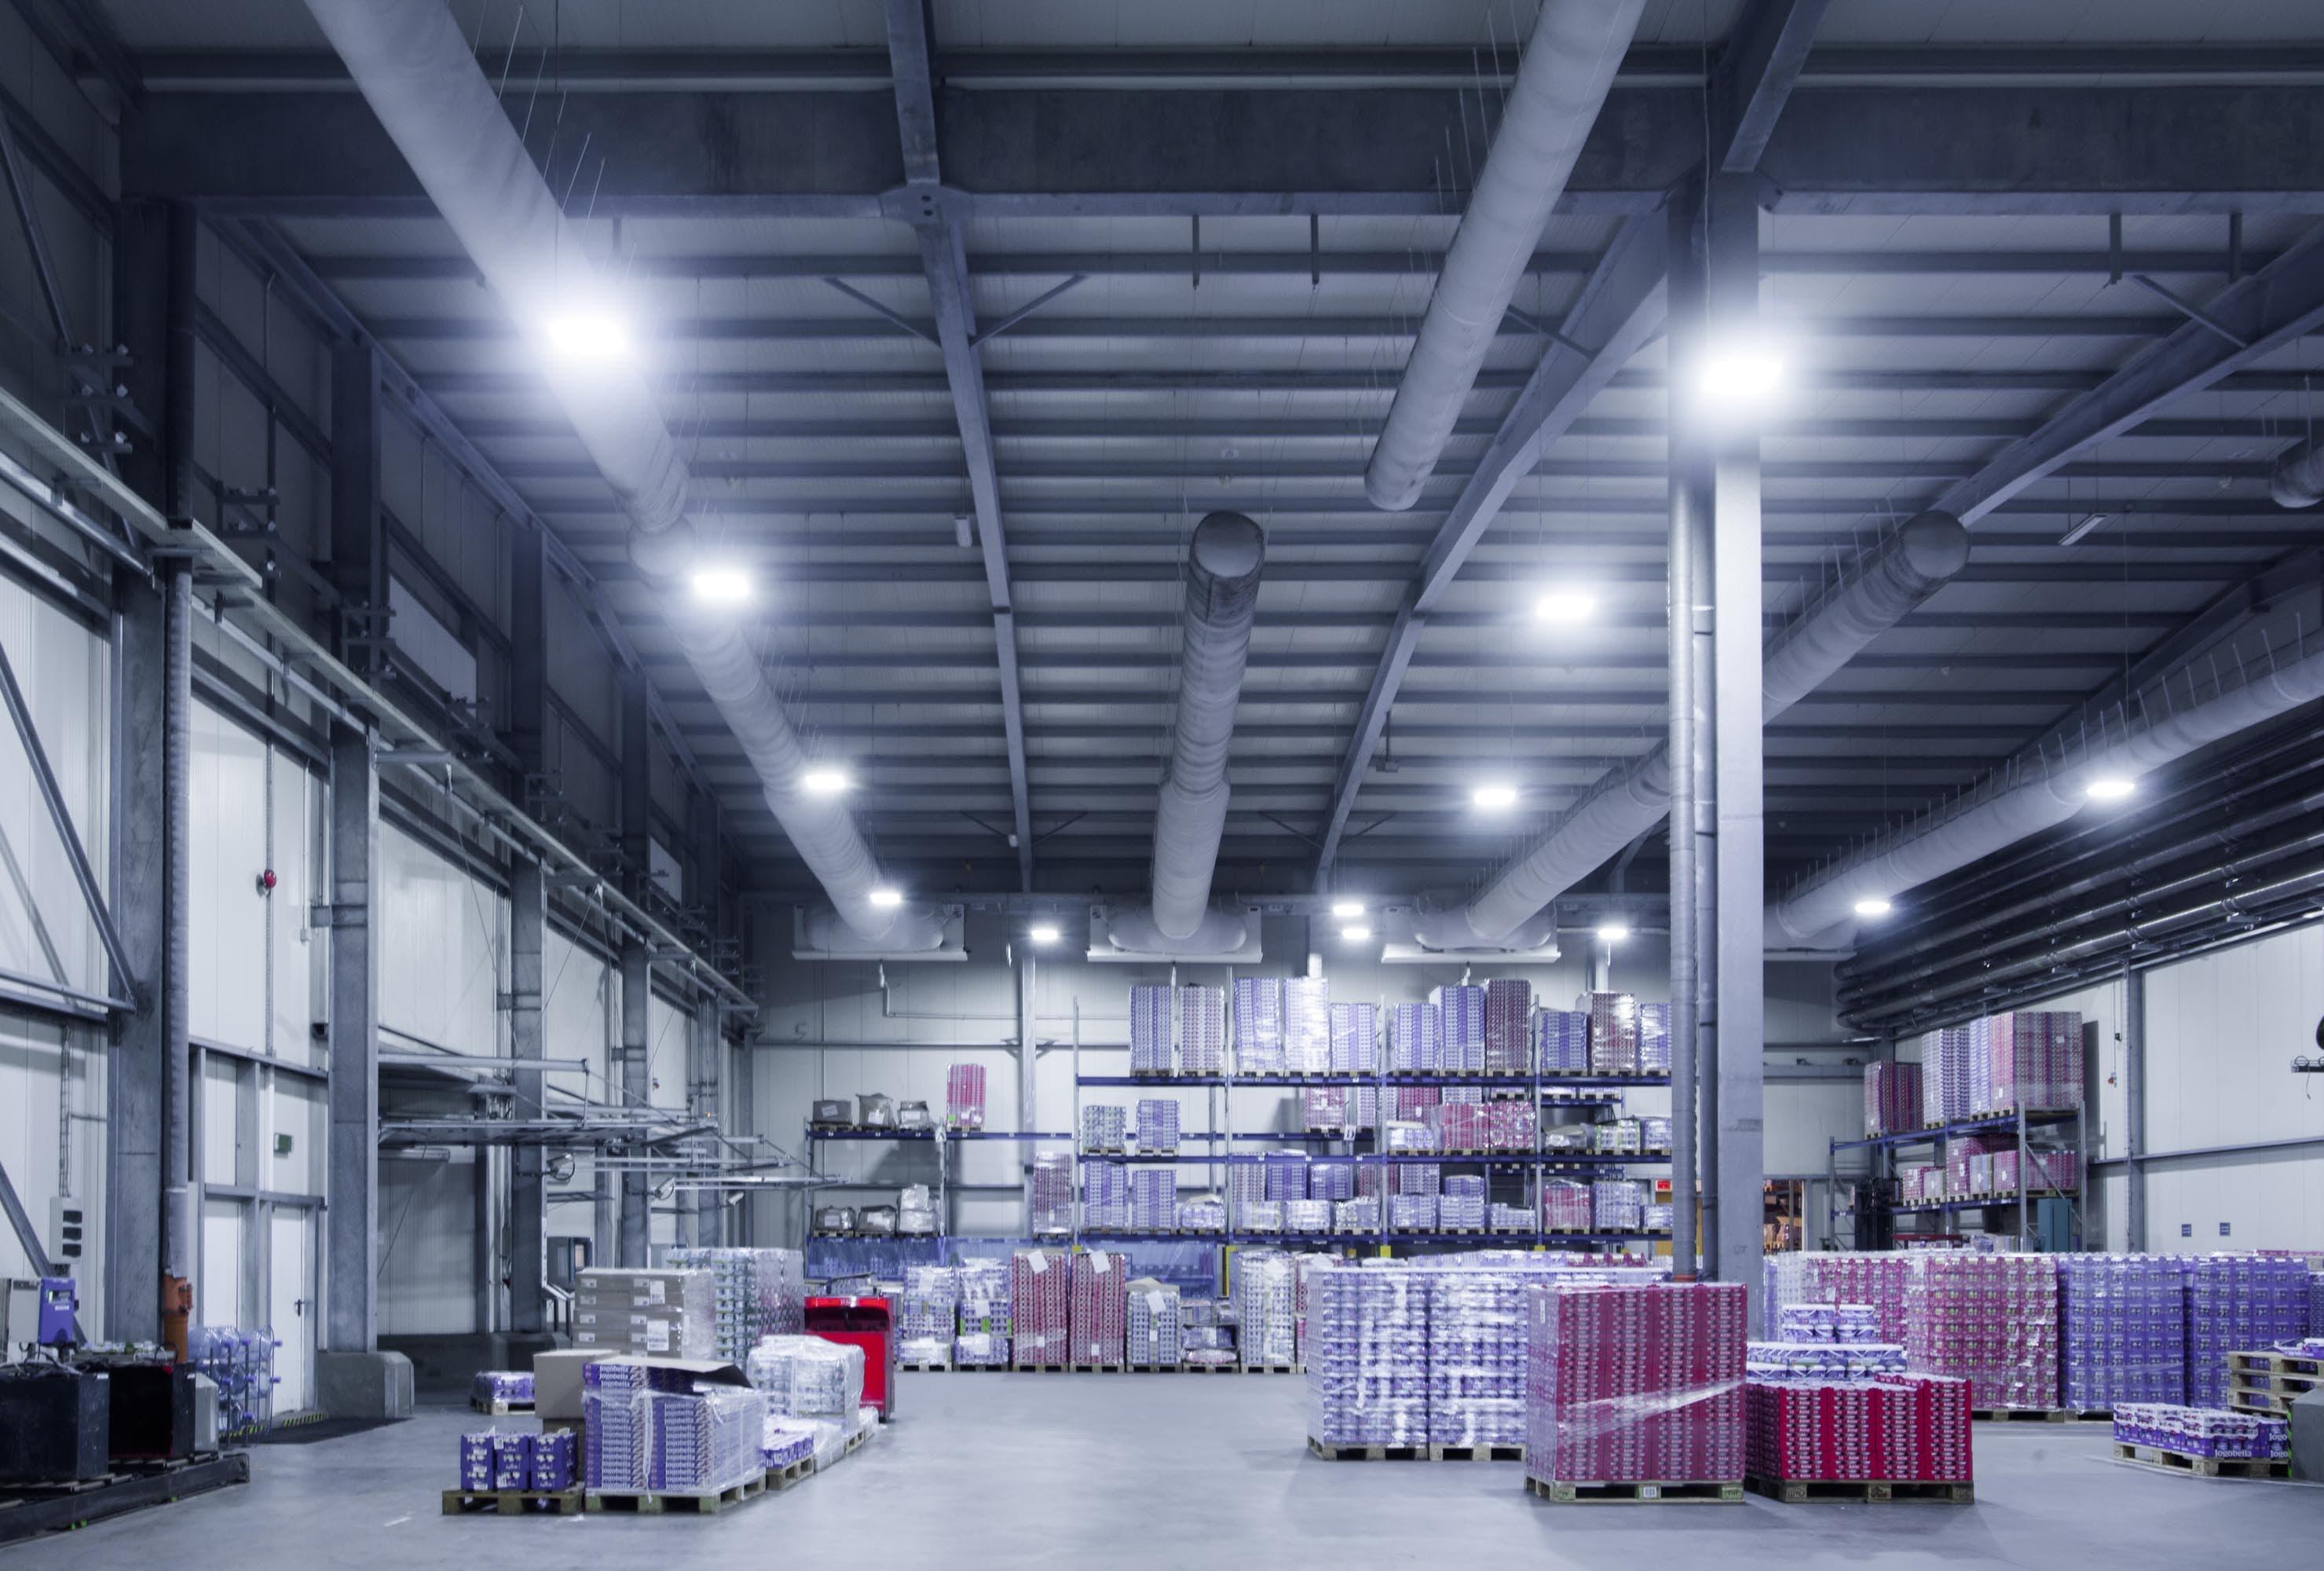 Oprawy Highbay LED w zmodernizowanych zakładach produkcyjnych marki Zott - Luxon LED